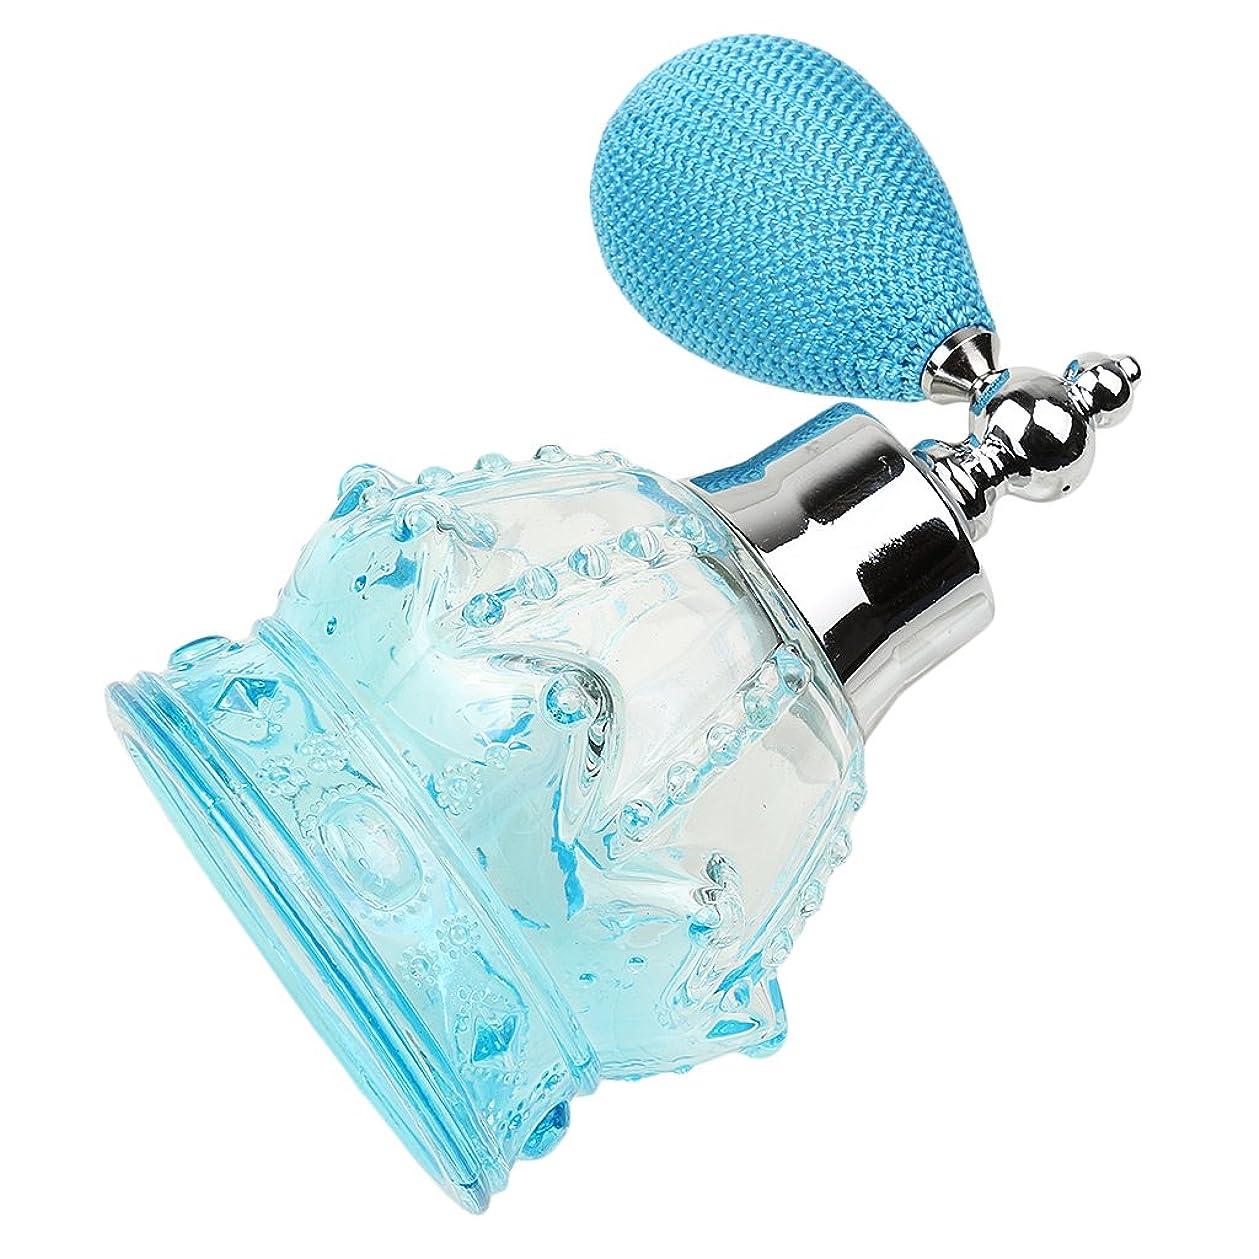 予感に対して魔術師Flameer 3色選べる 100ml 空 ガラス瓶 香水瓶 噴霧器 魅力的 ボトル  詰め替え スプレーバルブ アトマイザー    - 青